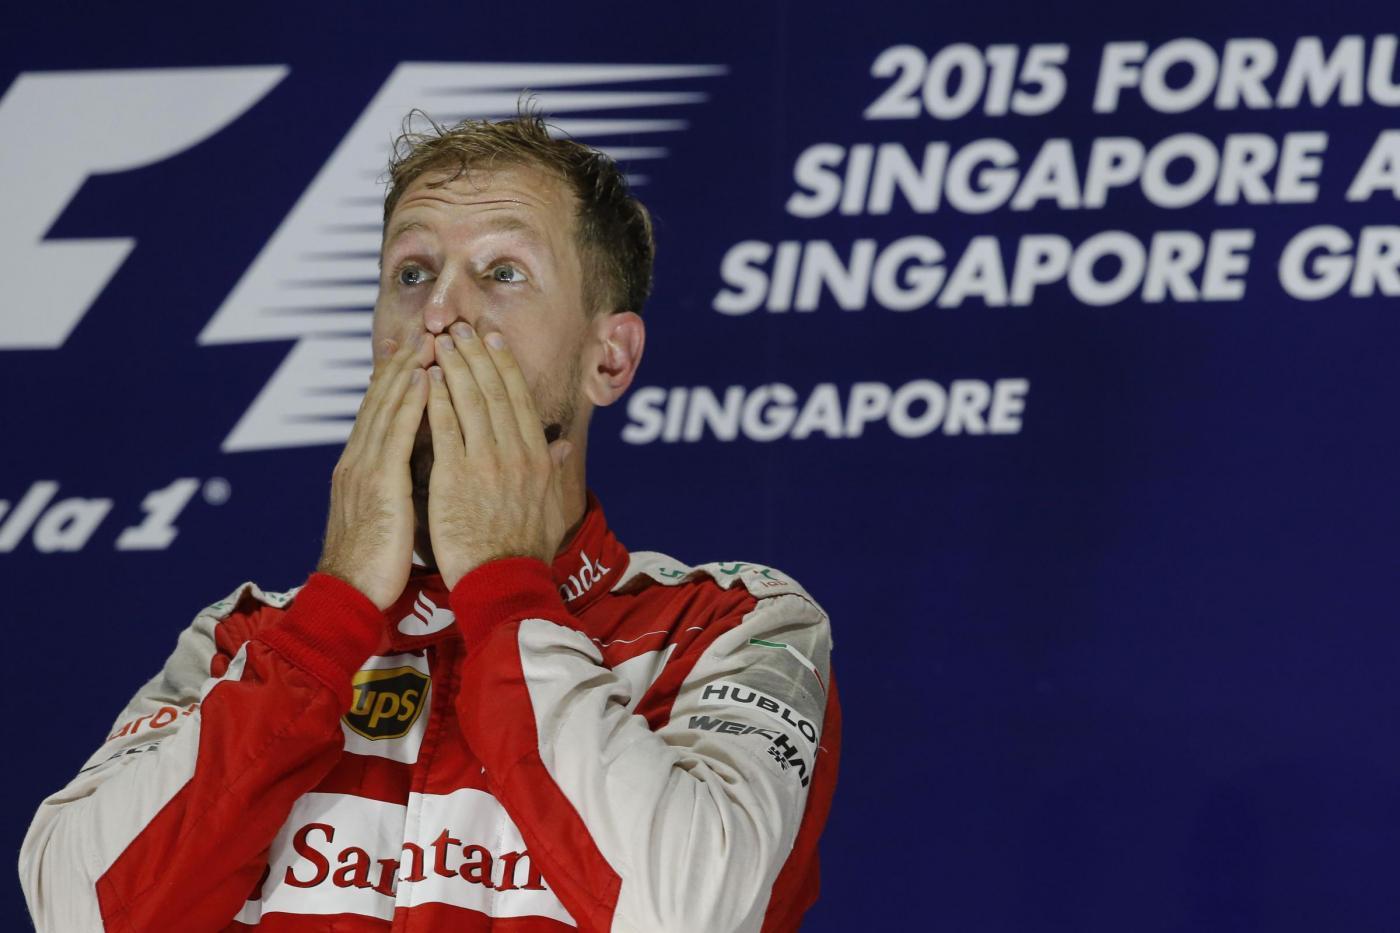 """Sebastian Vettel canta """"Italiano Vero"""" di Toto Cutugno dopo il trionfo di Singapore"""